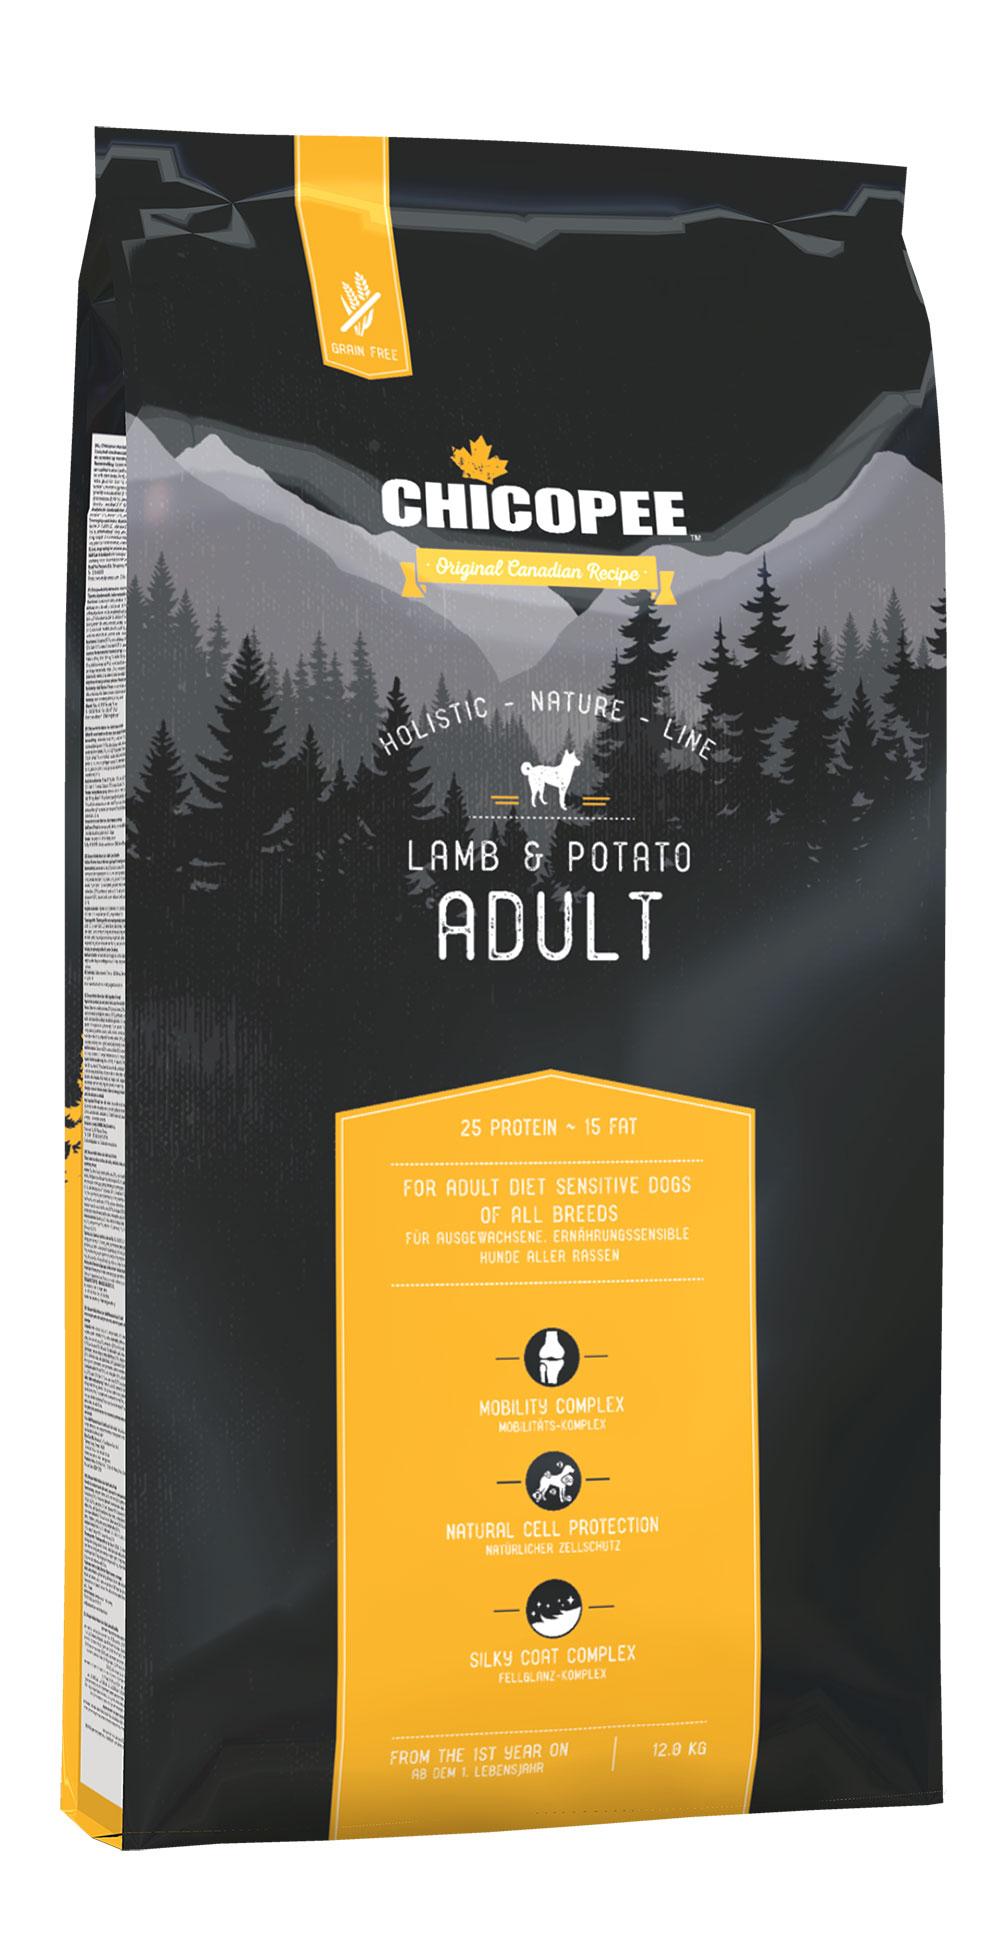 Begrūdis Šunų Maistas Chicopee Adult Lamb & Potatot 12kg.